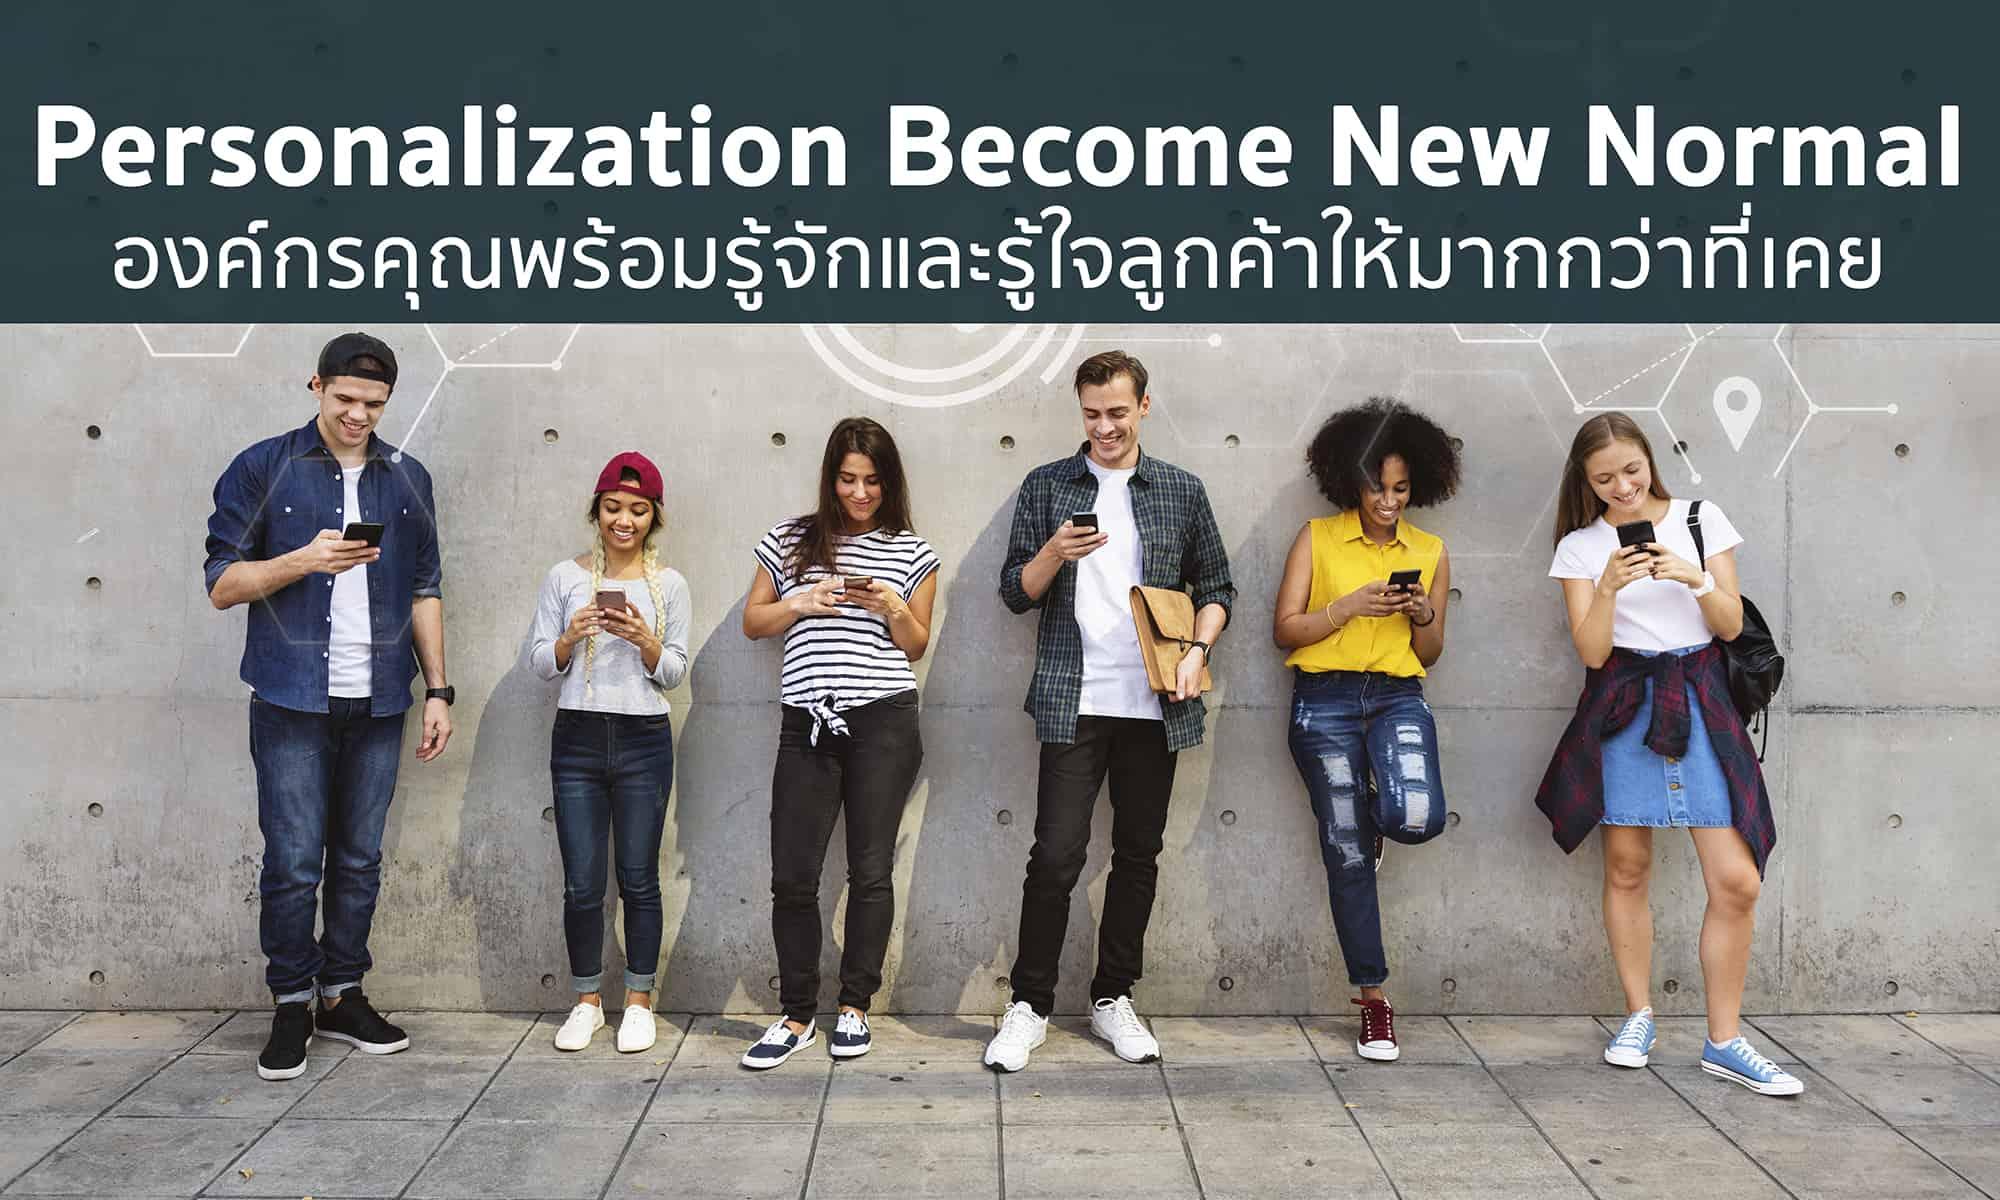 เมื่อ Personalization จะกลายเป็น New Normal ในวันหน้า ต้องรีบทำตั้งแต่วันนี้